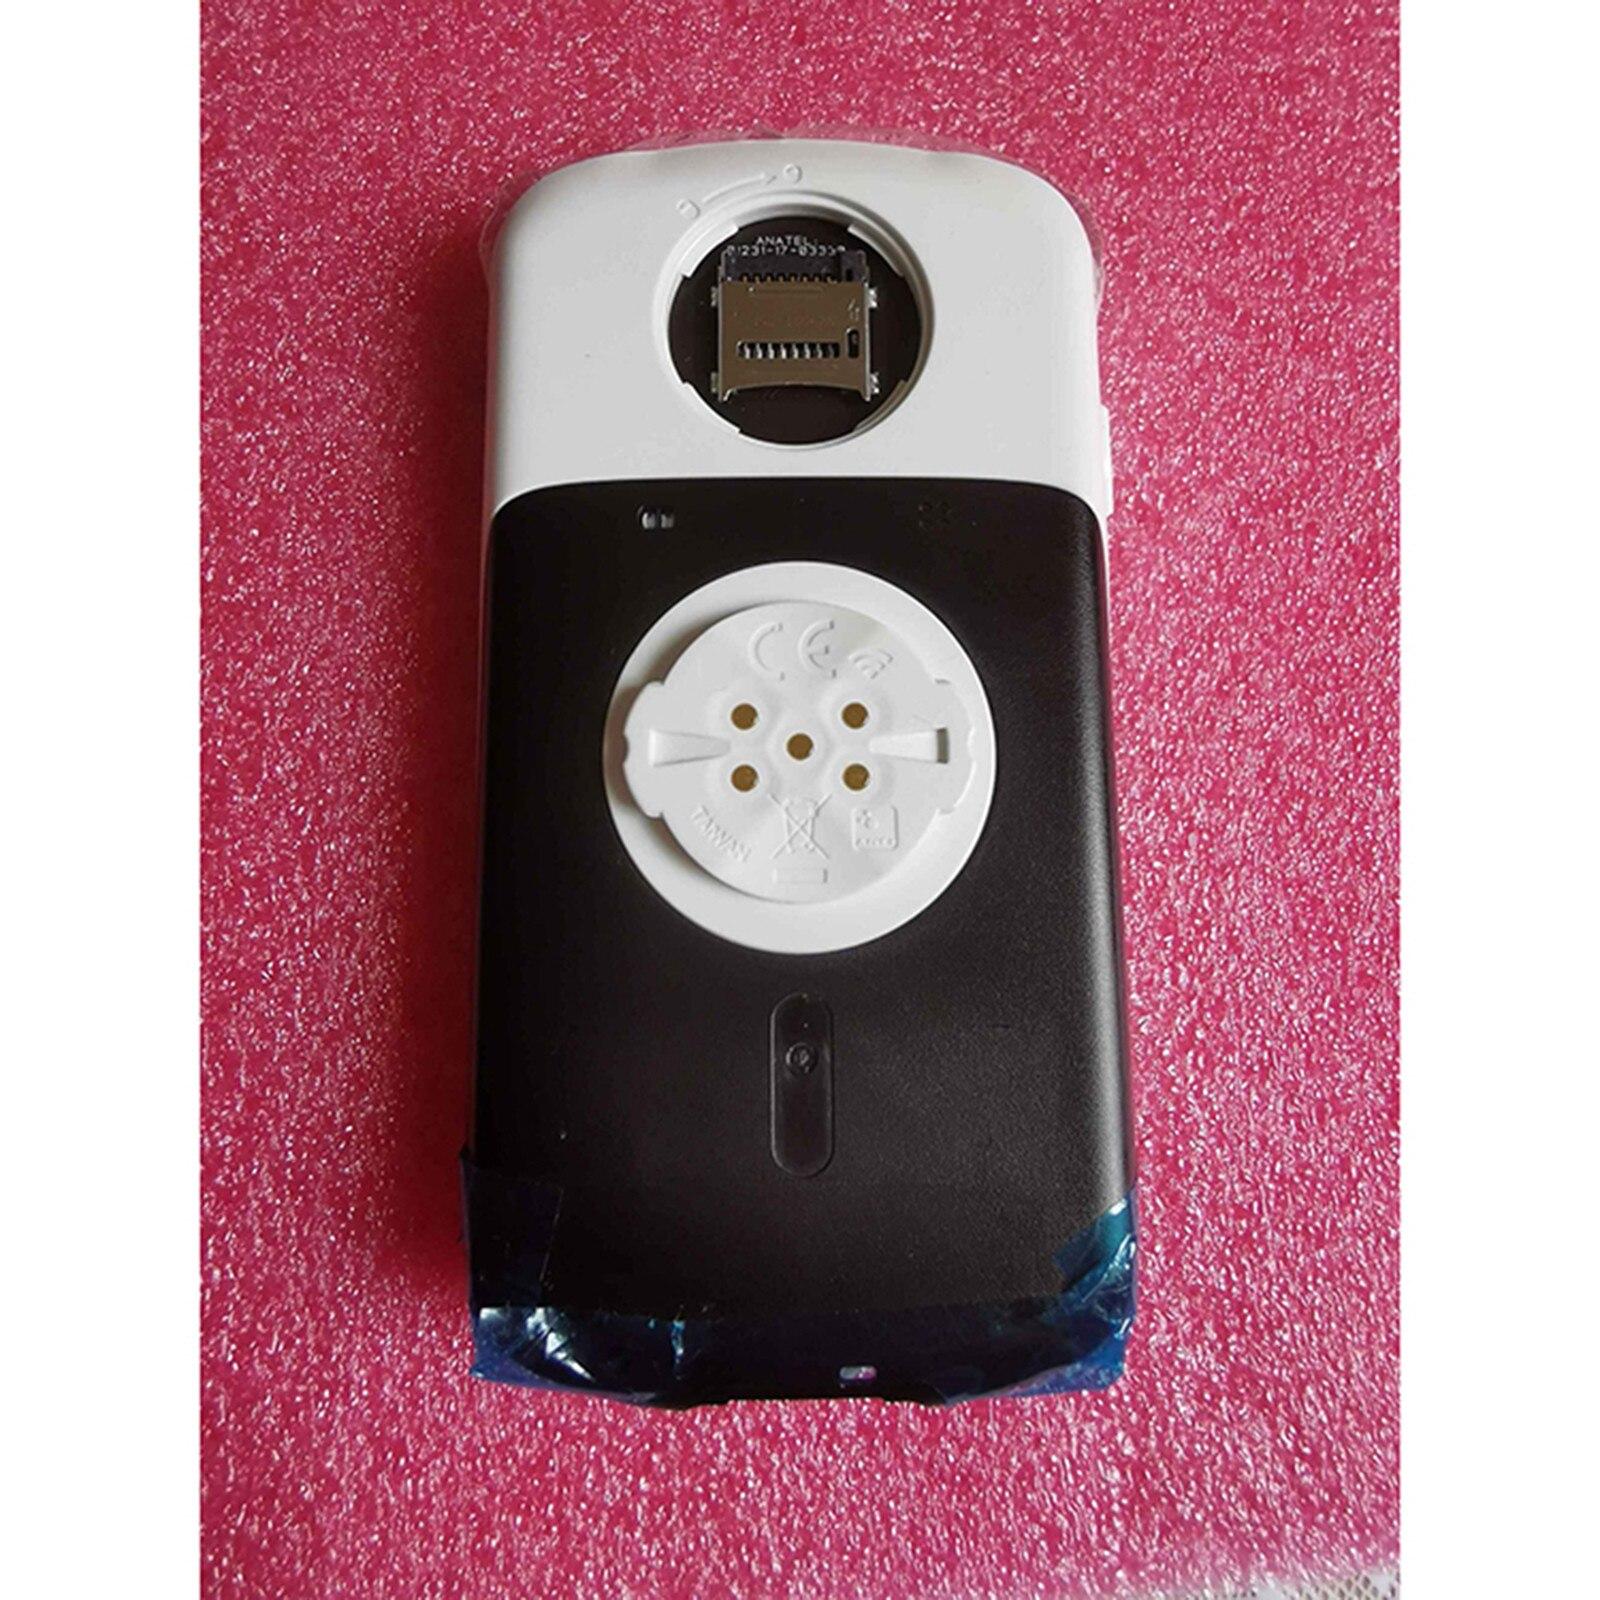 Garmin EDGE 1030 GPS Moto Relógio Reparação